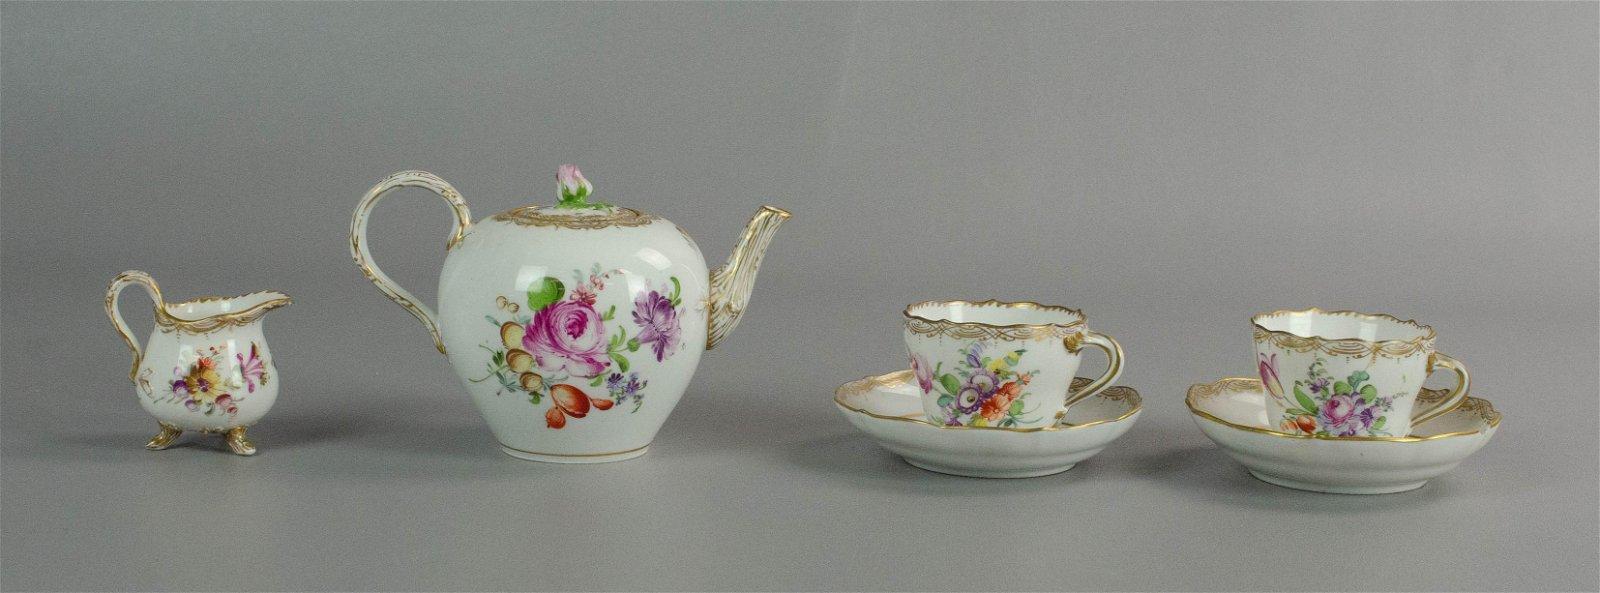 Meissen Porcelain Partial Tea Set